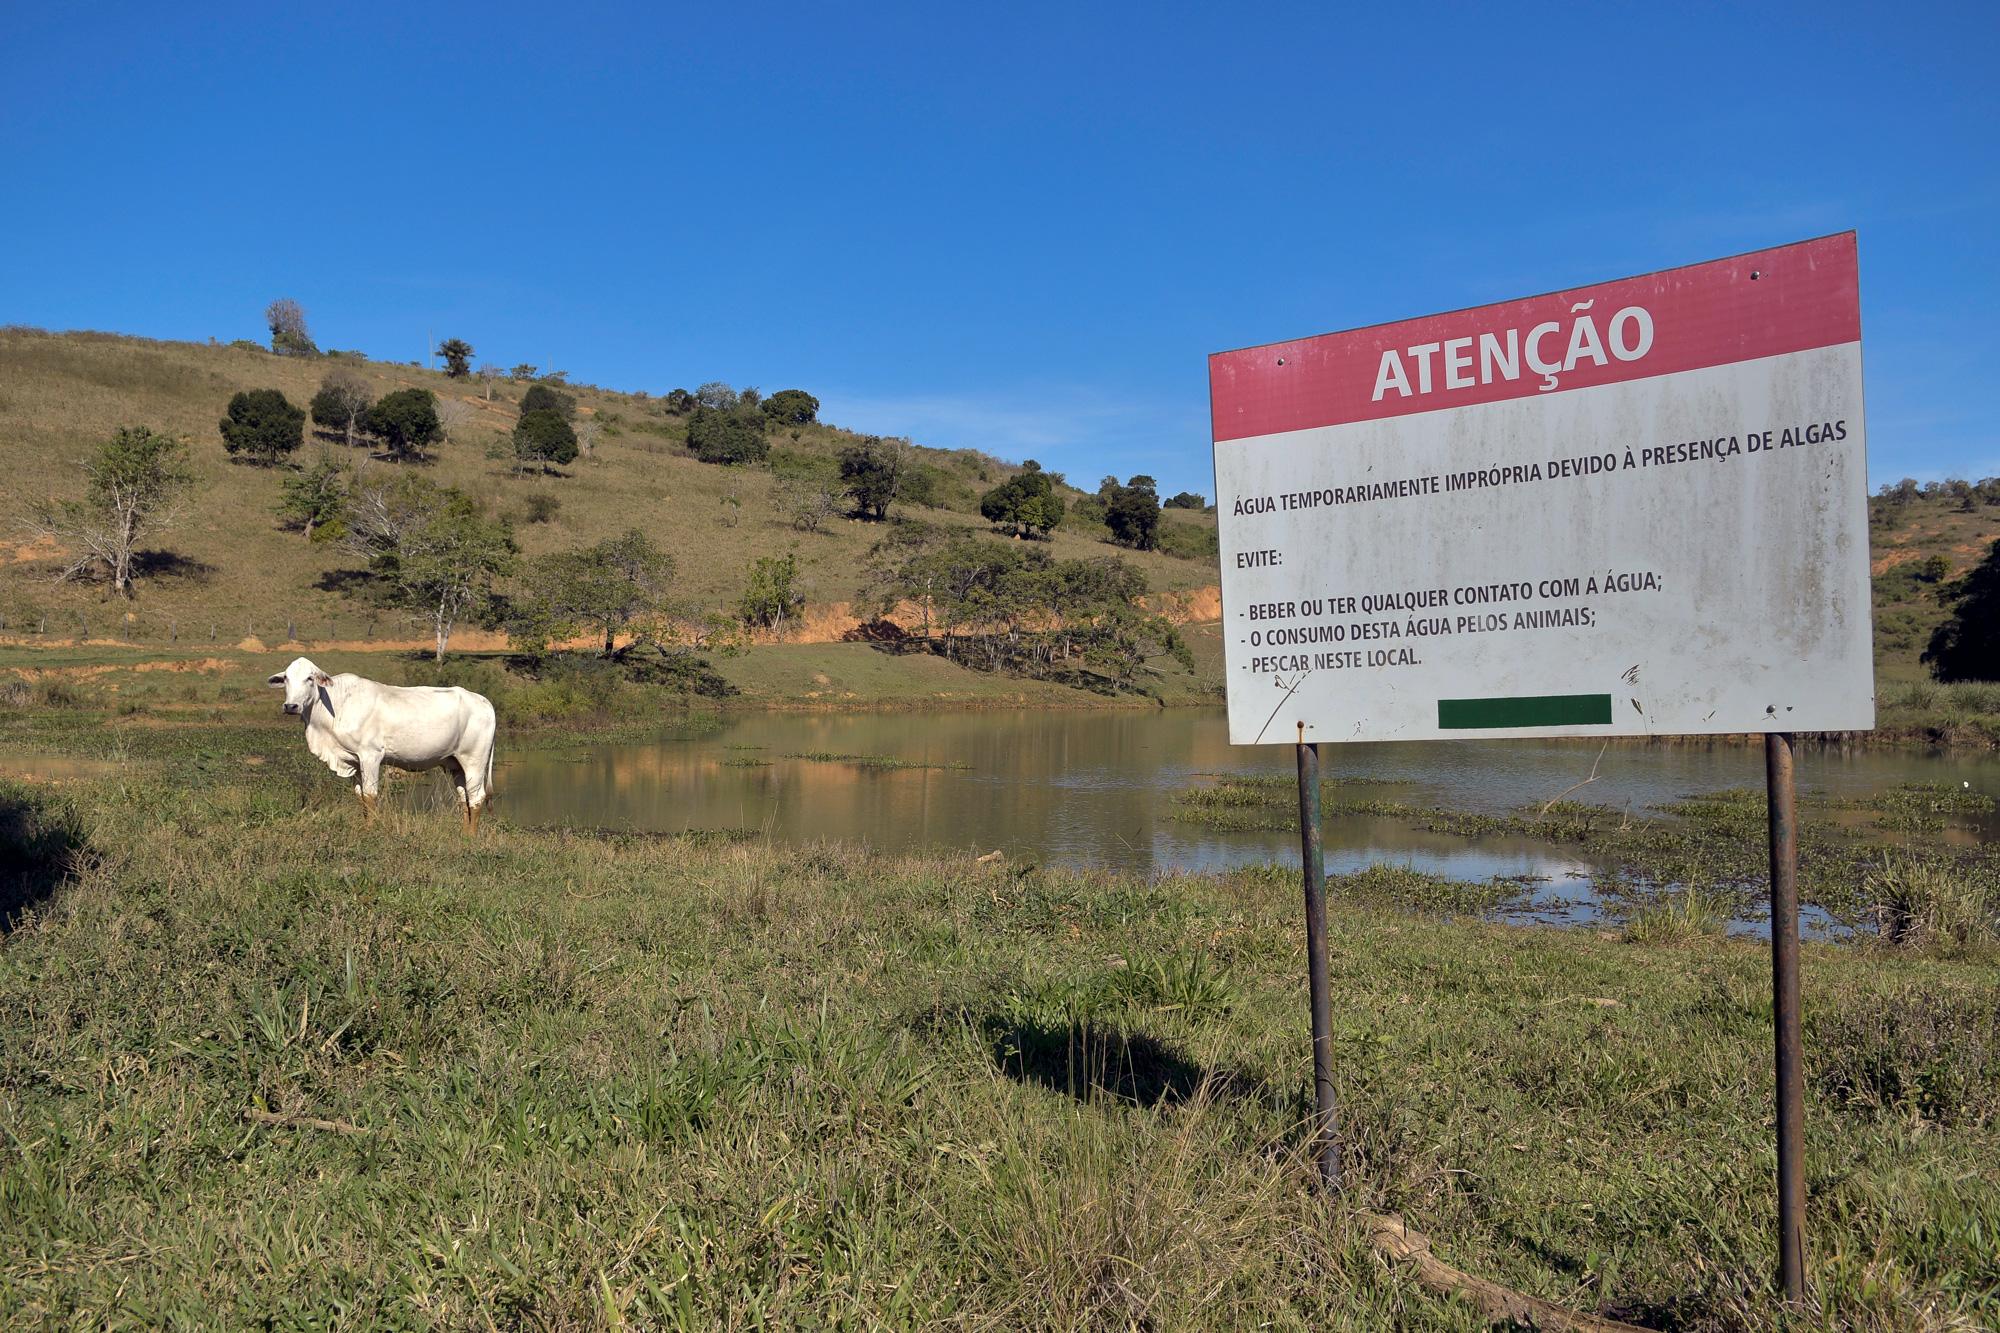 11/05/2021 - BRASIL / LARANJAL - Placas colocadas pela Brookfield em lago formado na Fazenda Volta do Rio Placa, em Laranjal-MG © Washington Alves/Light Press